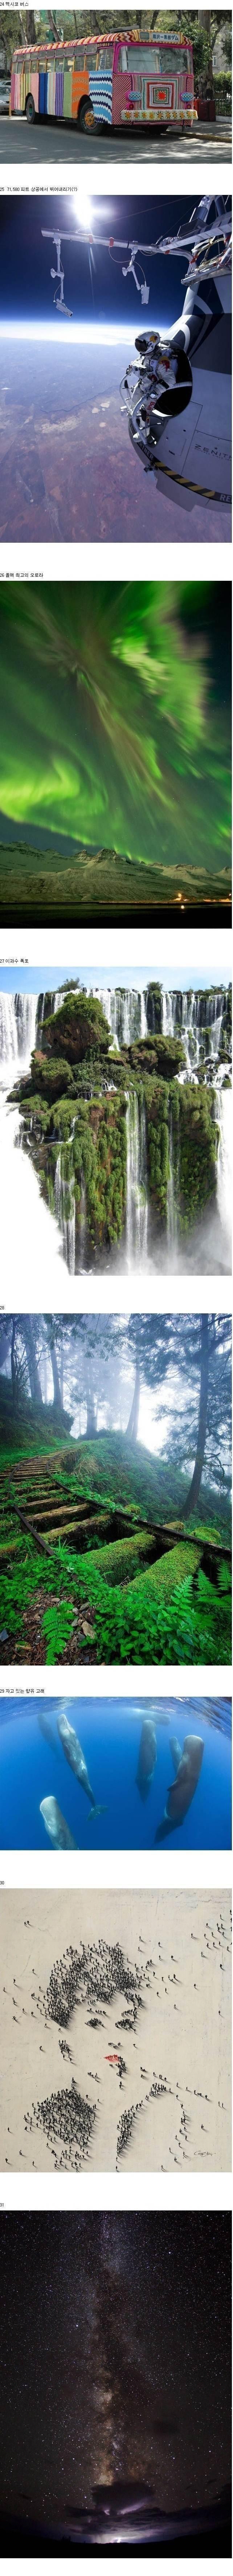 신기한사진들3.jpg